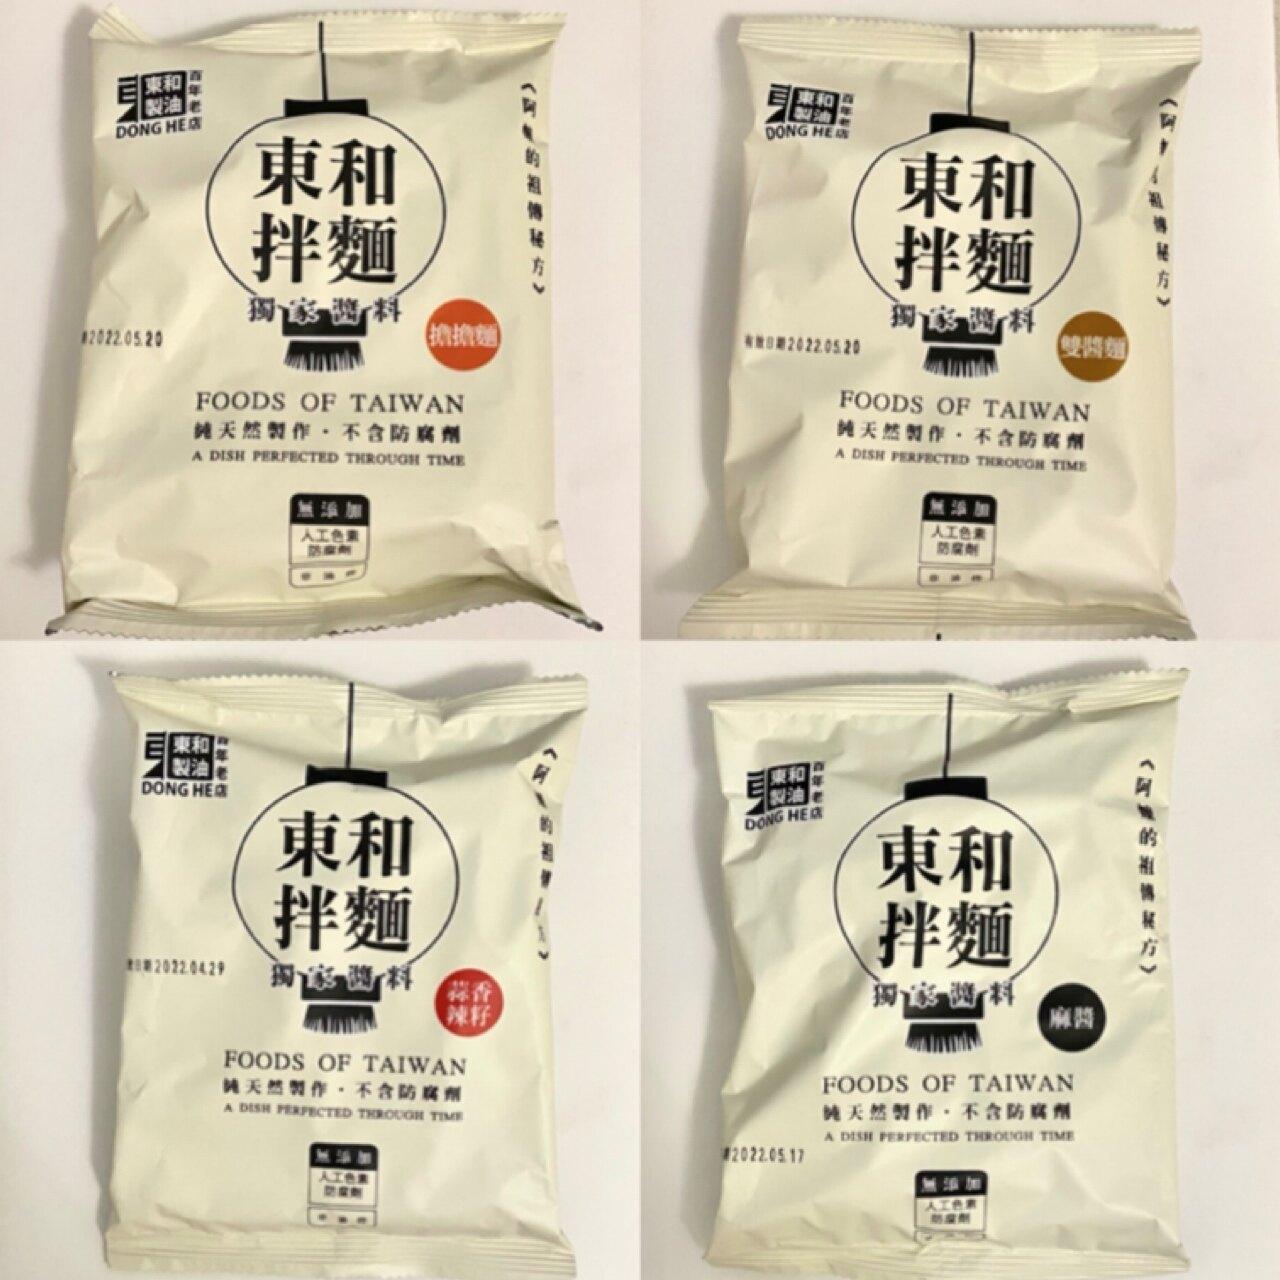 【東和拌麵】麻醬麵/雙醬麵/擔擔麵/蒜香辣籽/包 (四種口味任選)